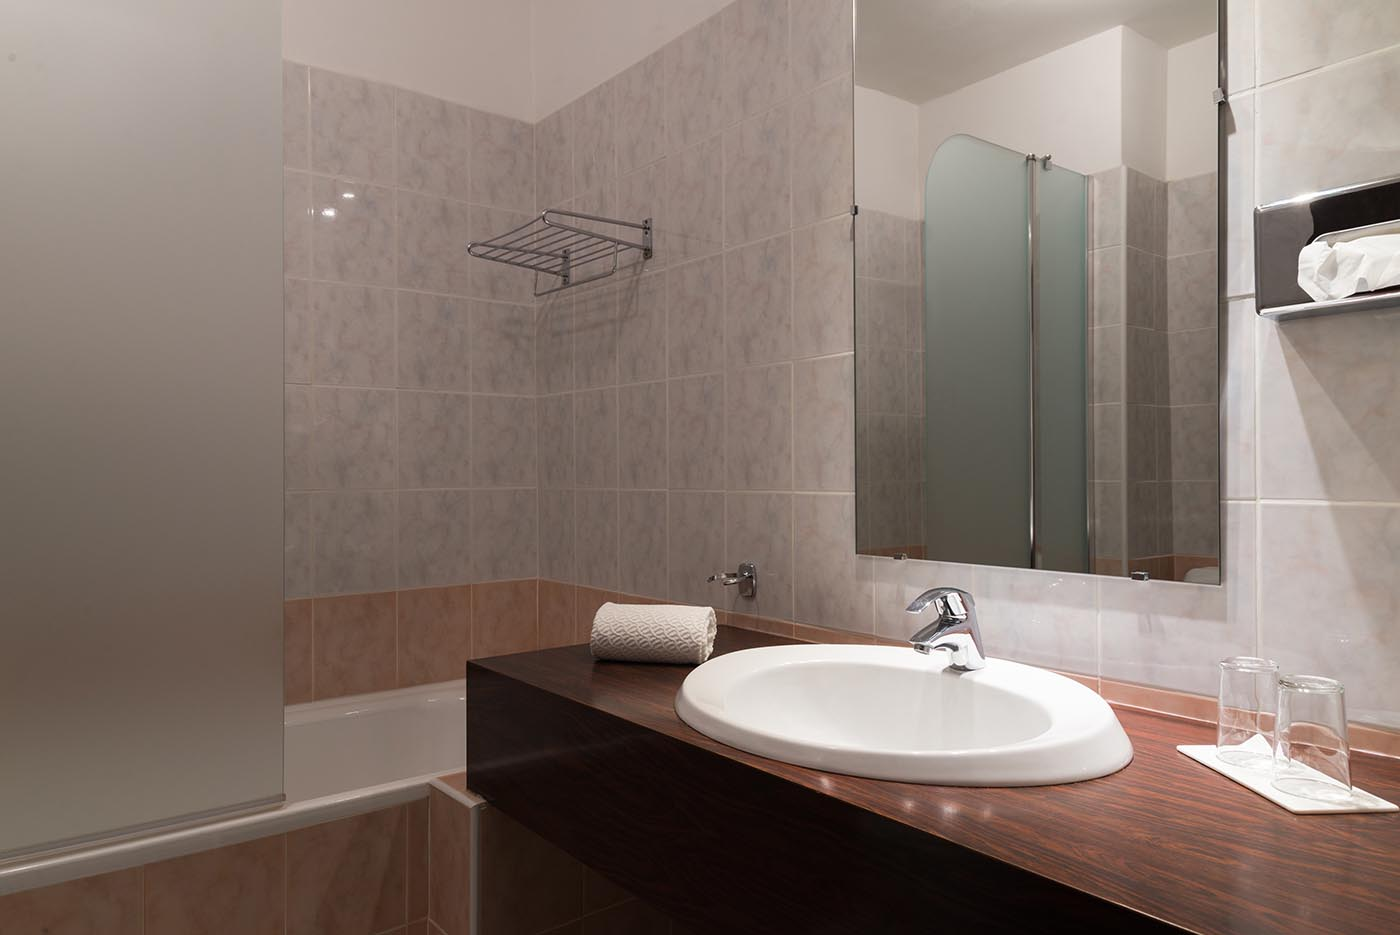 Salle de Bain des chambres grand confort de l'Hôtel Villa Borghese à Gréoux-les-Bains (04800)